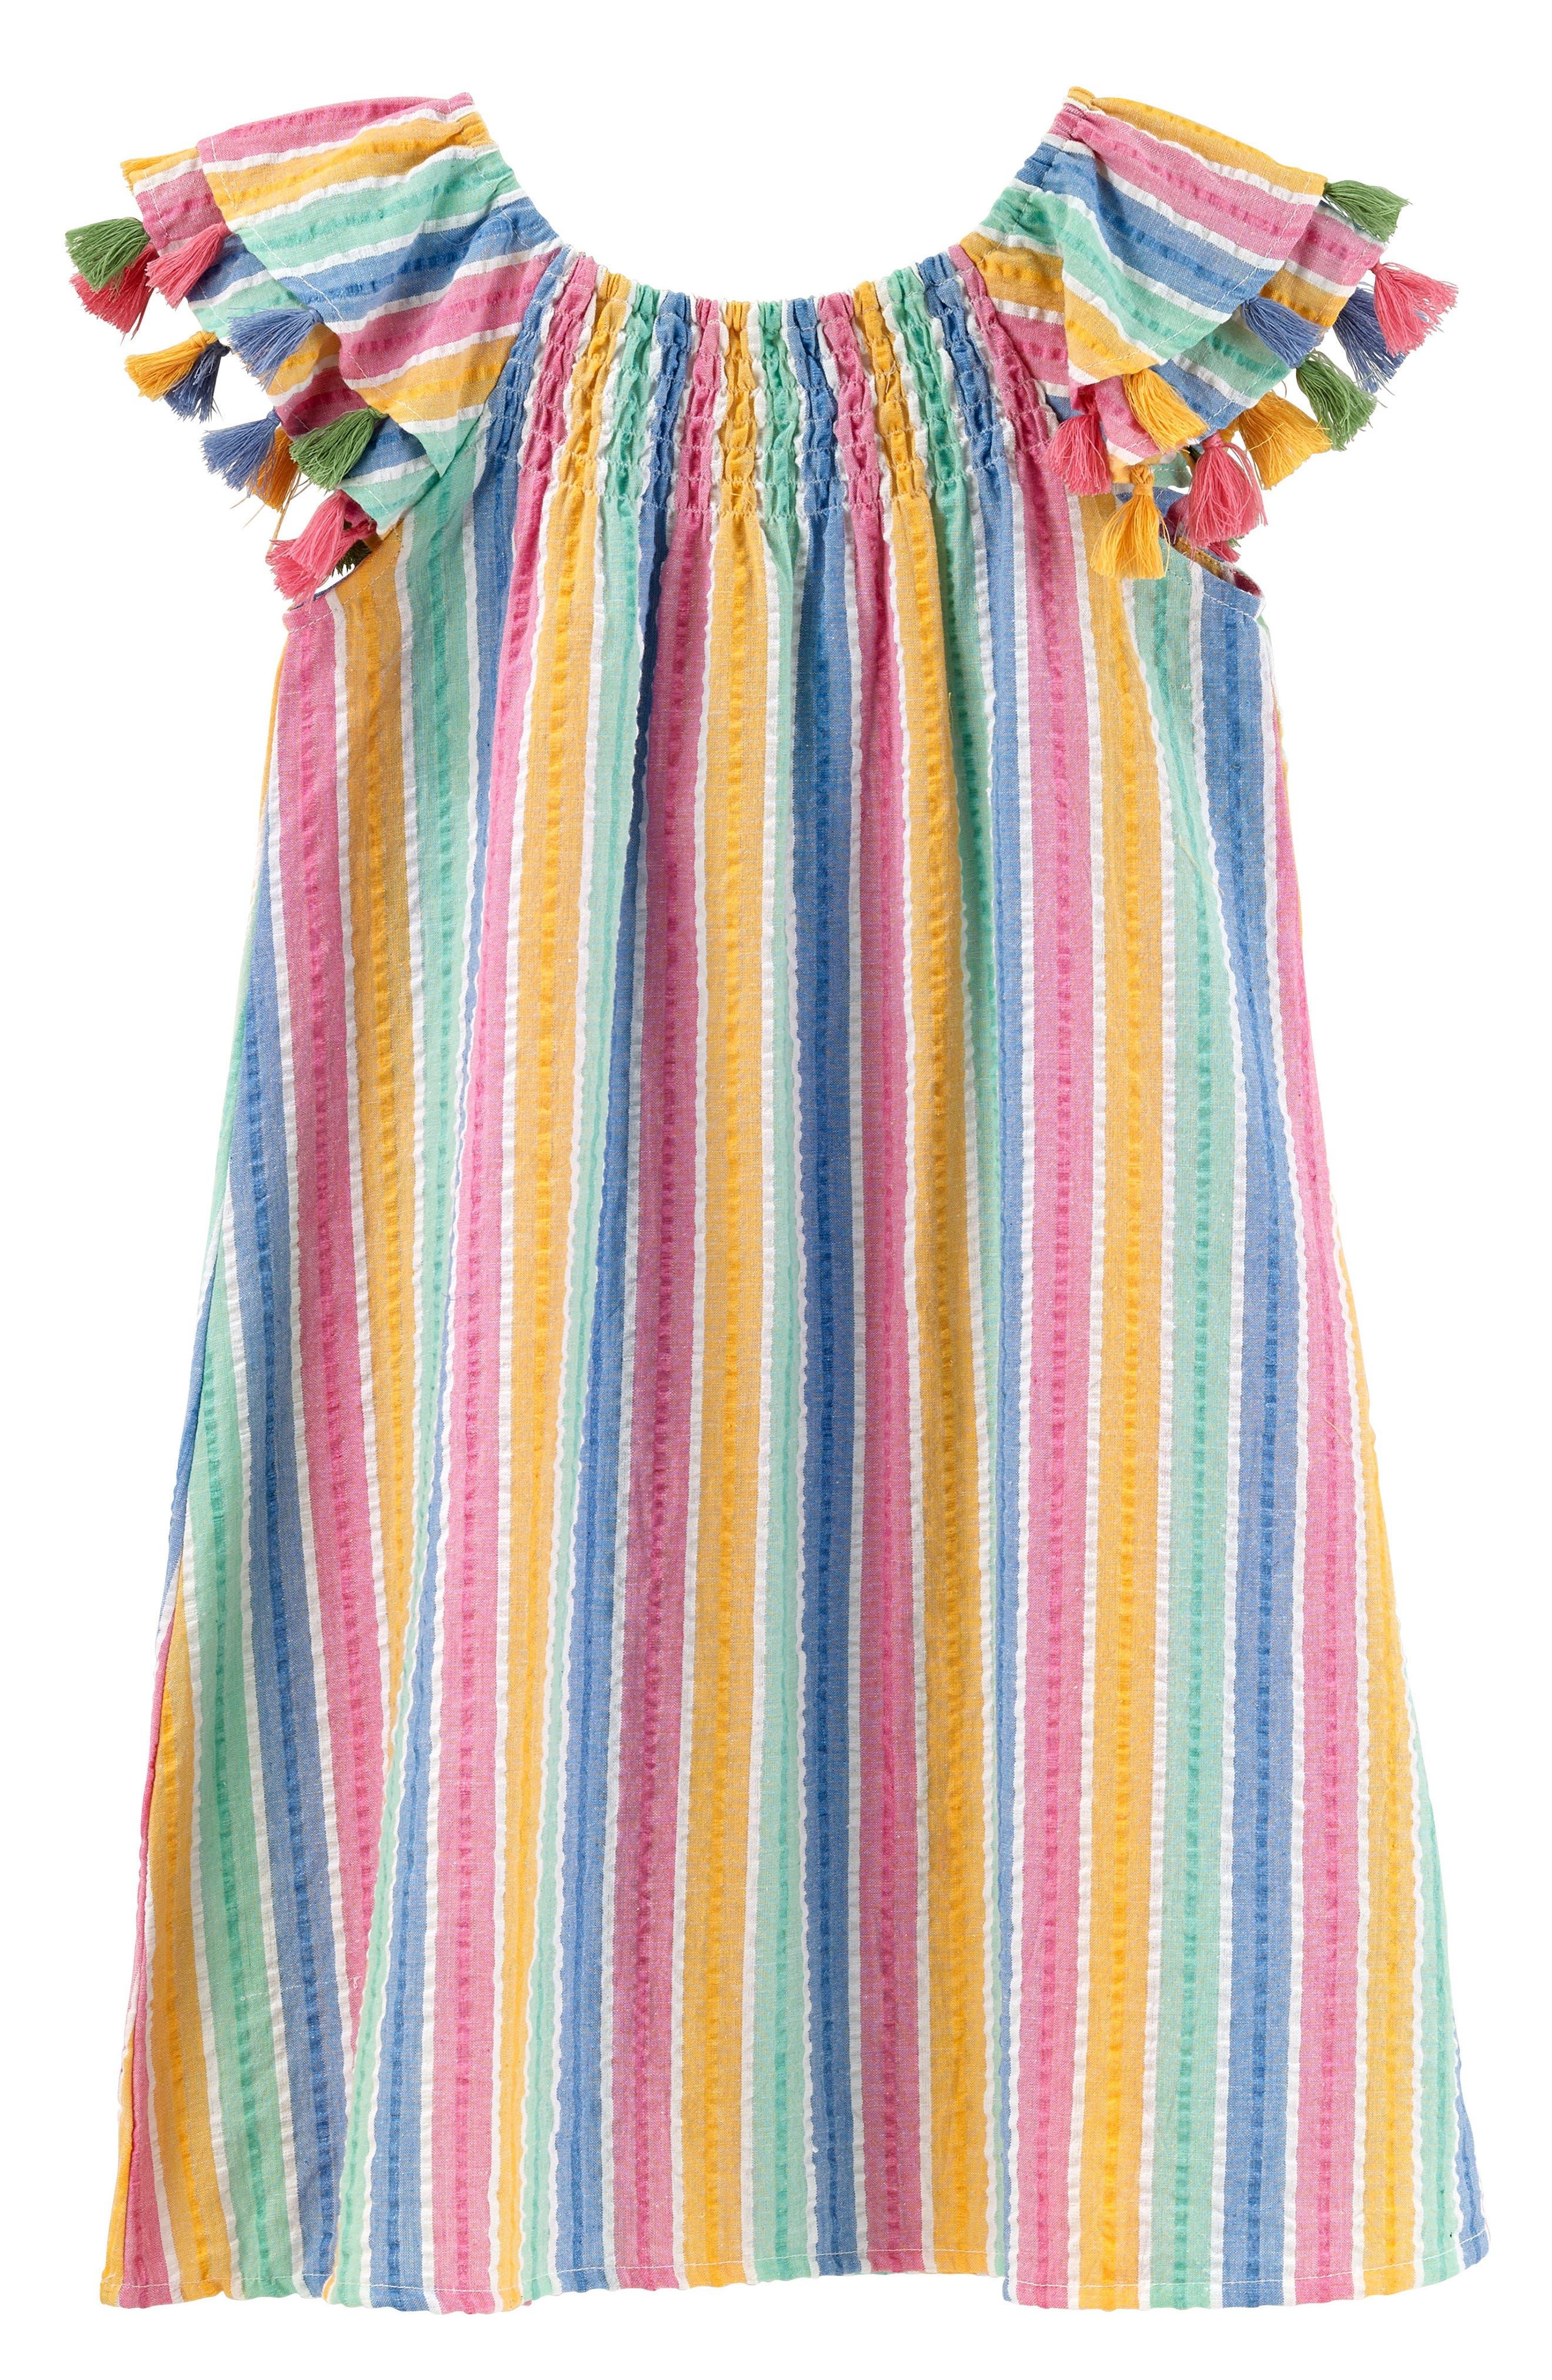 Sundancer Stripe Cotton Dress,                             Main thumbnail 1, color,                             400